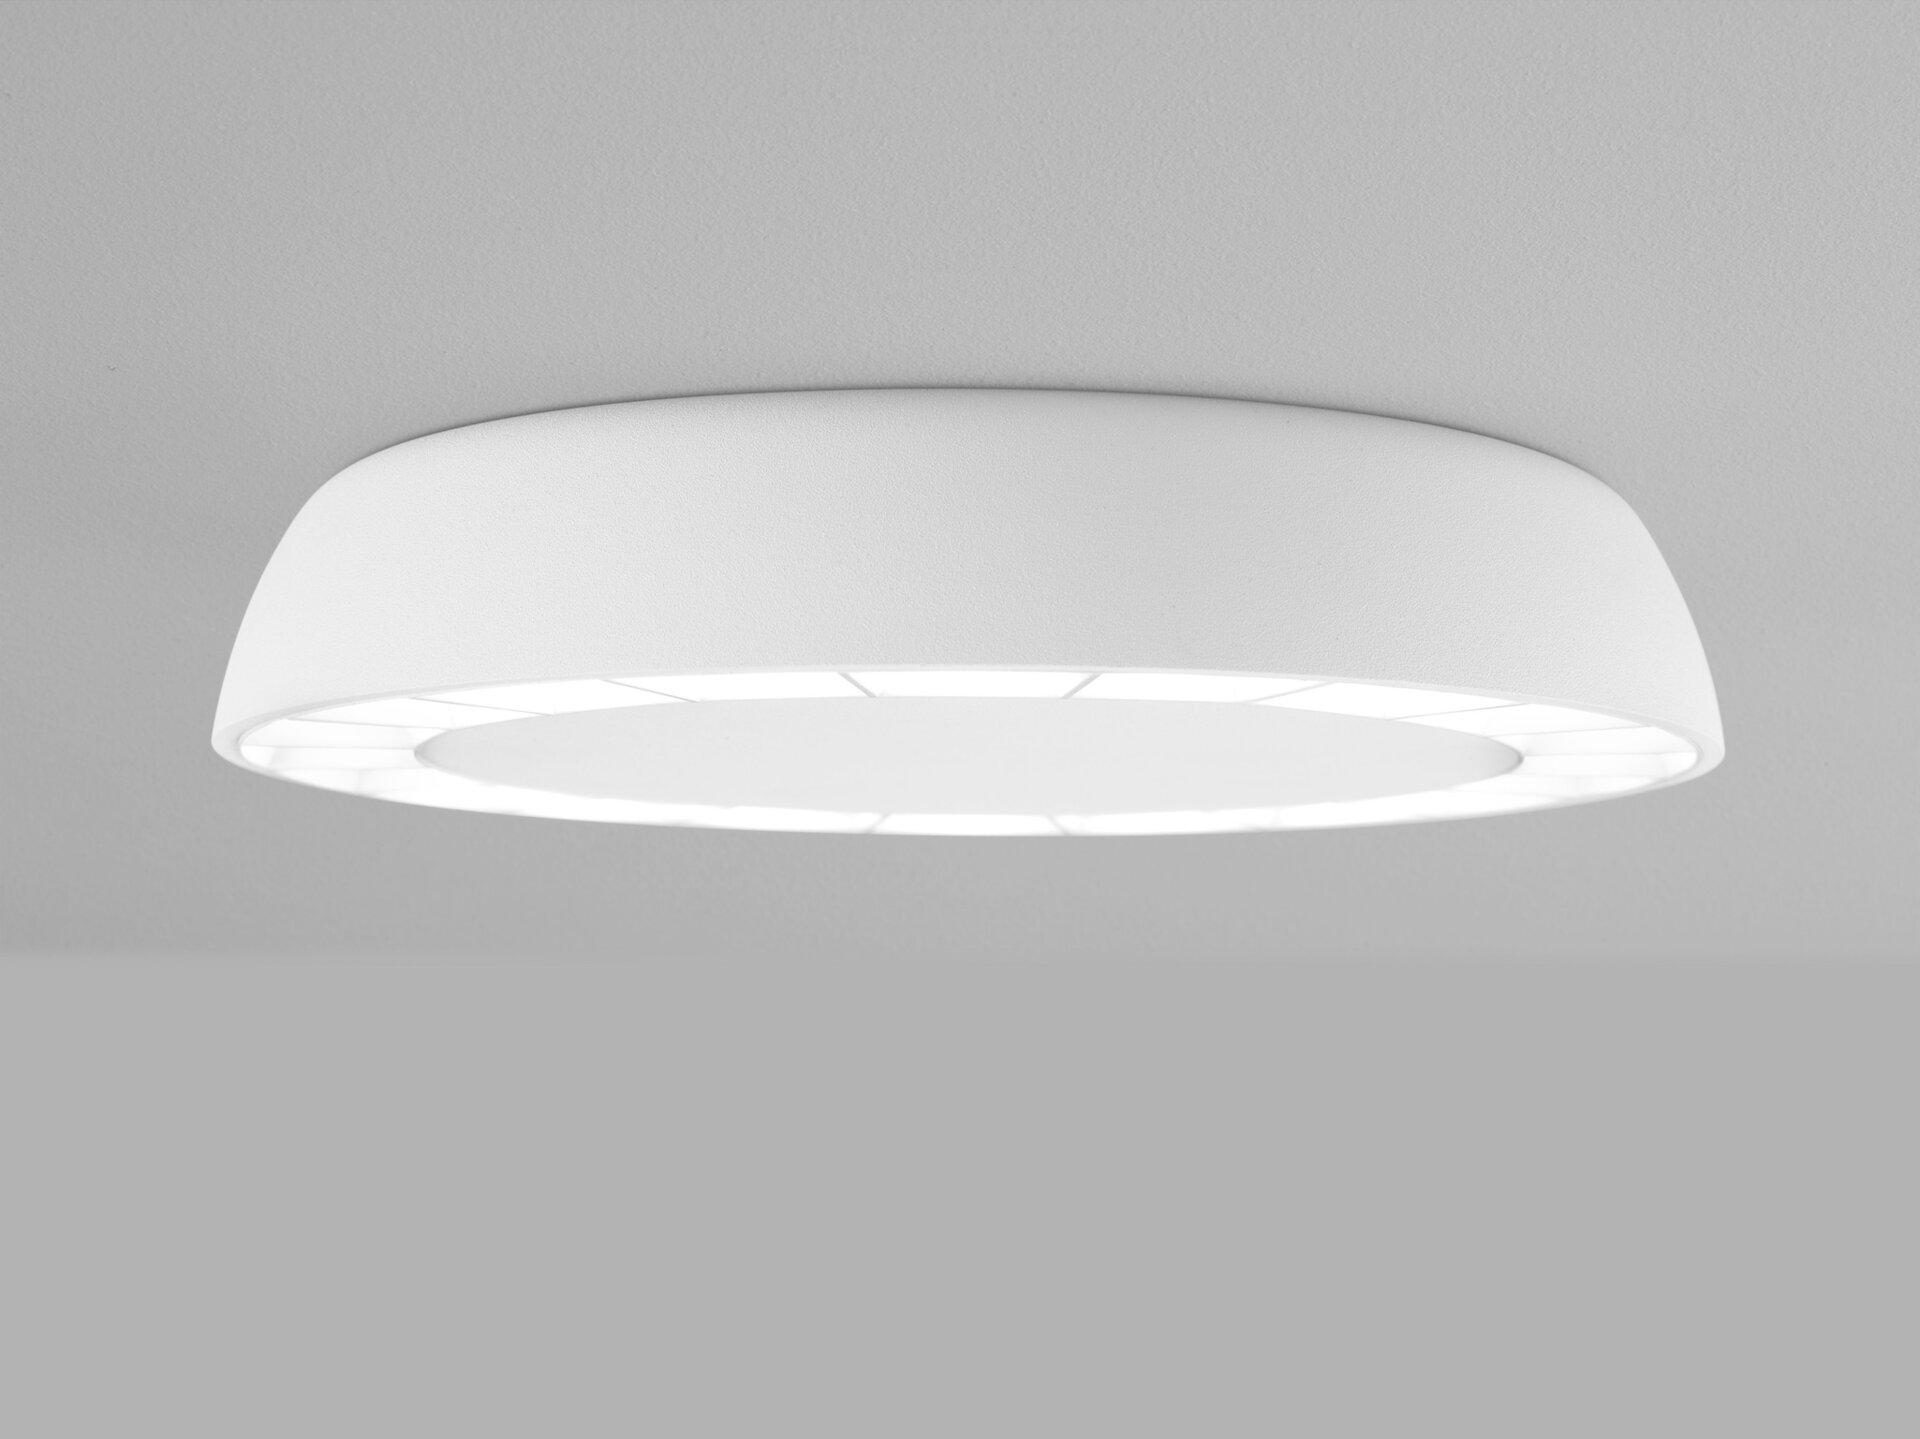 Deckenleuchte PAIR Helestra Leuchten Metall weiß 19 x 4 x 19 cm